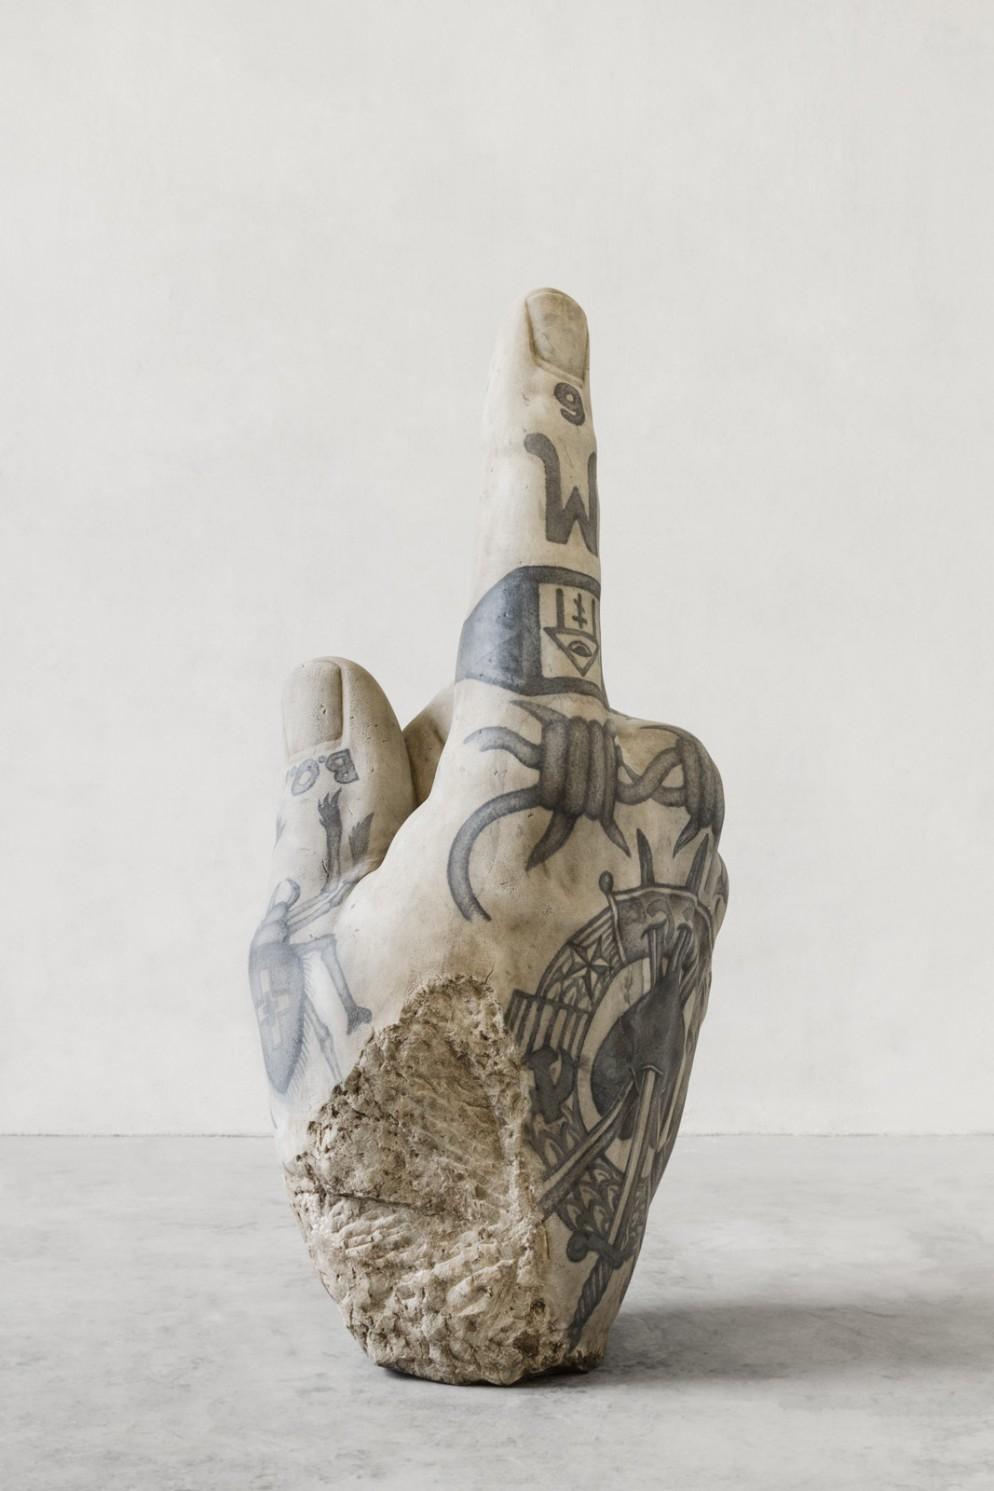 fabio-viale-statue-tatuate-02